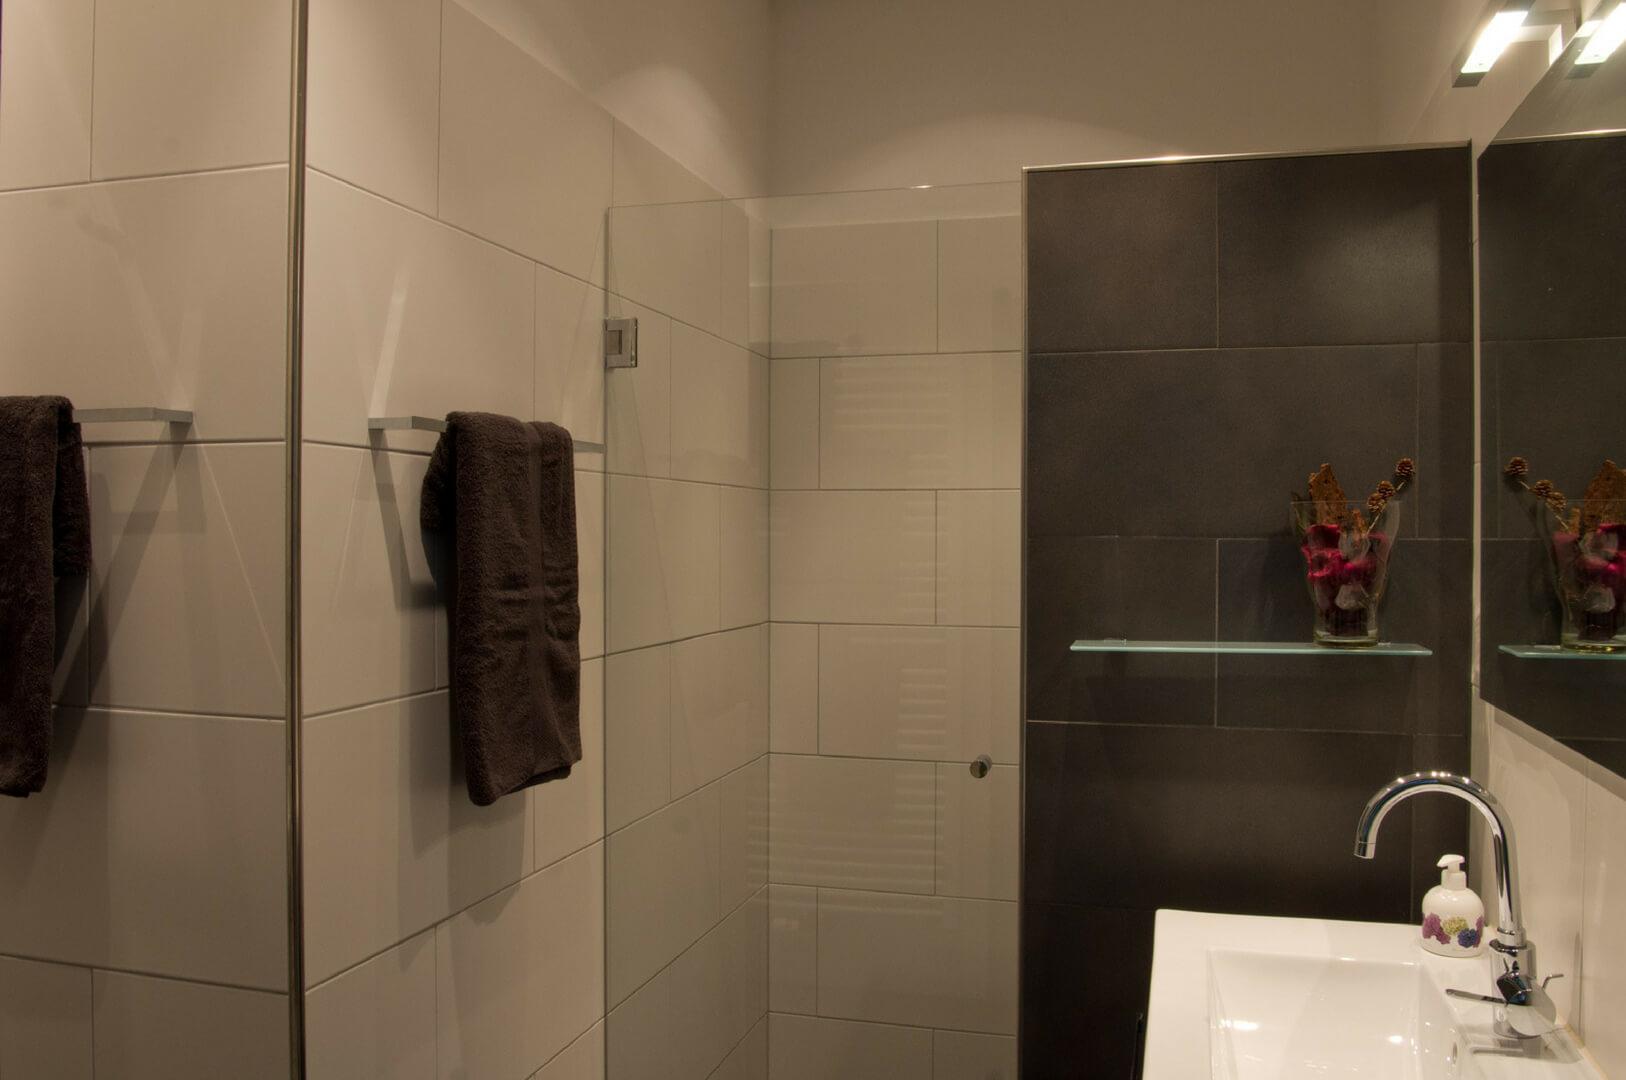 Badkamer Showroom Gelderland : Jouw voordelen bij sani all emejing badkamers achterhoek pictures